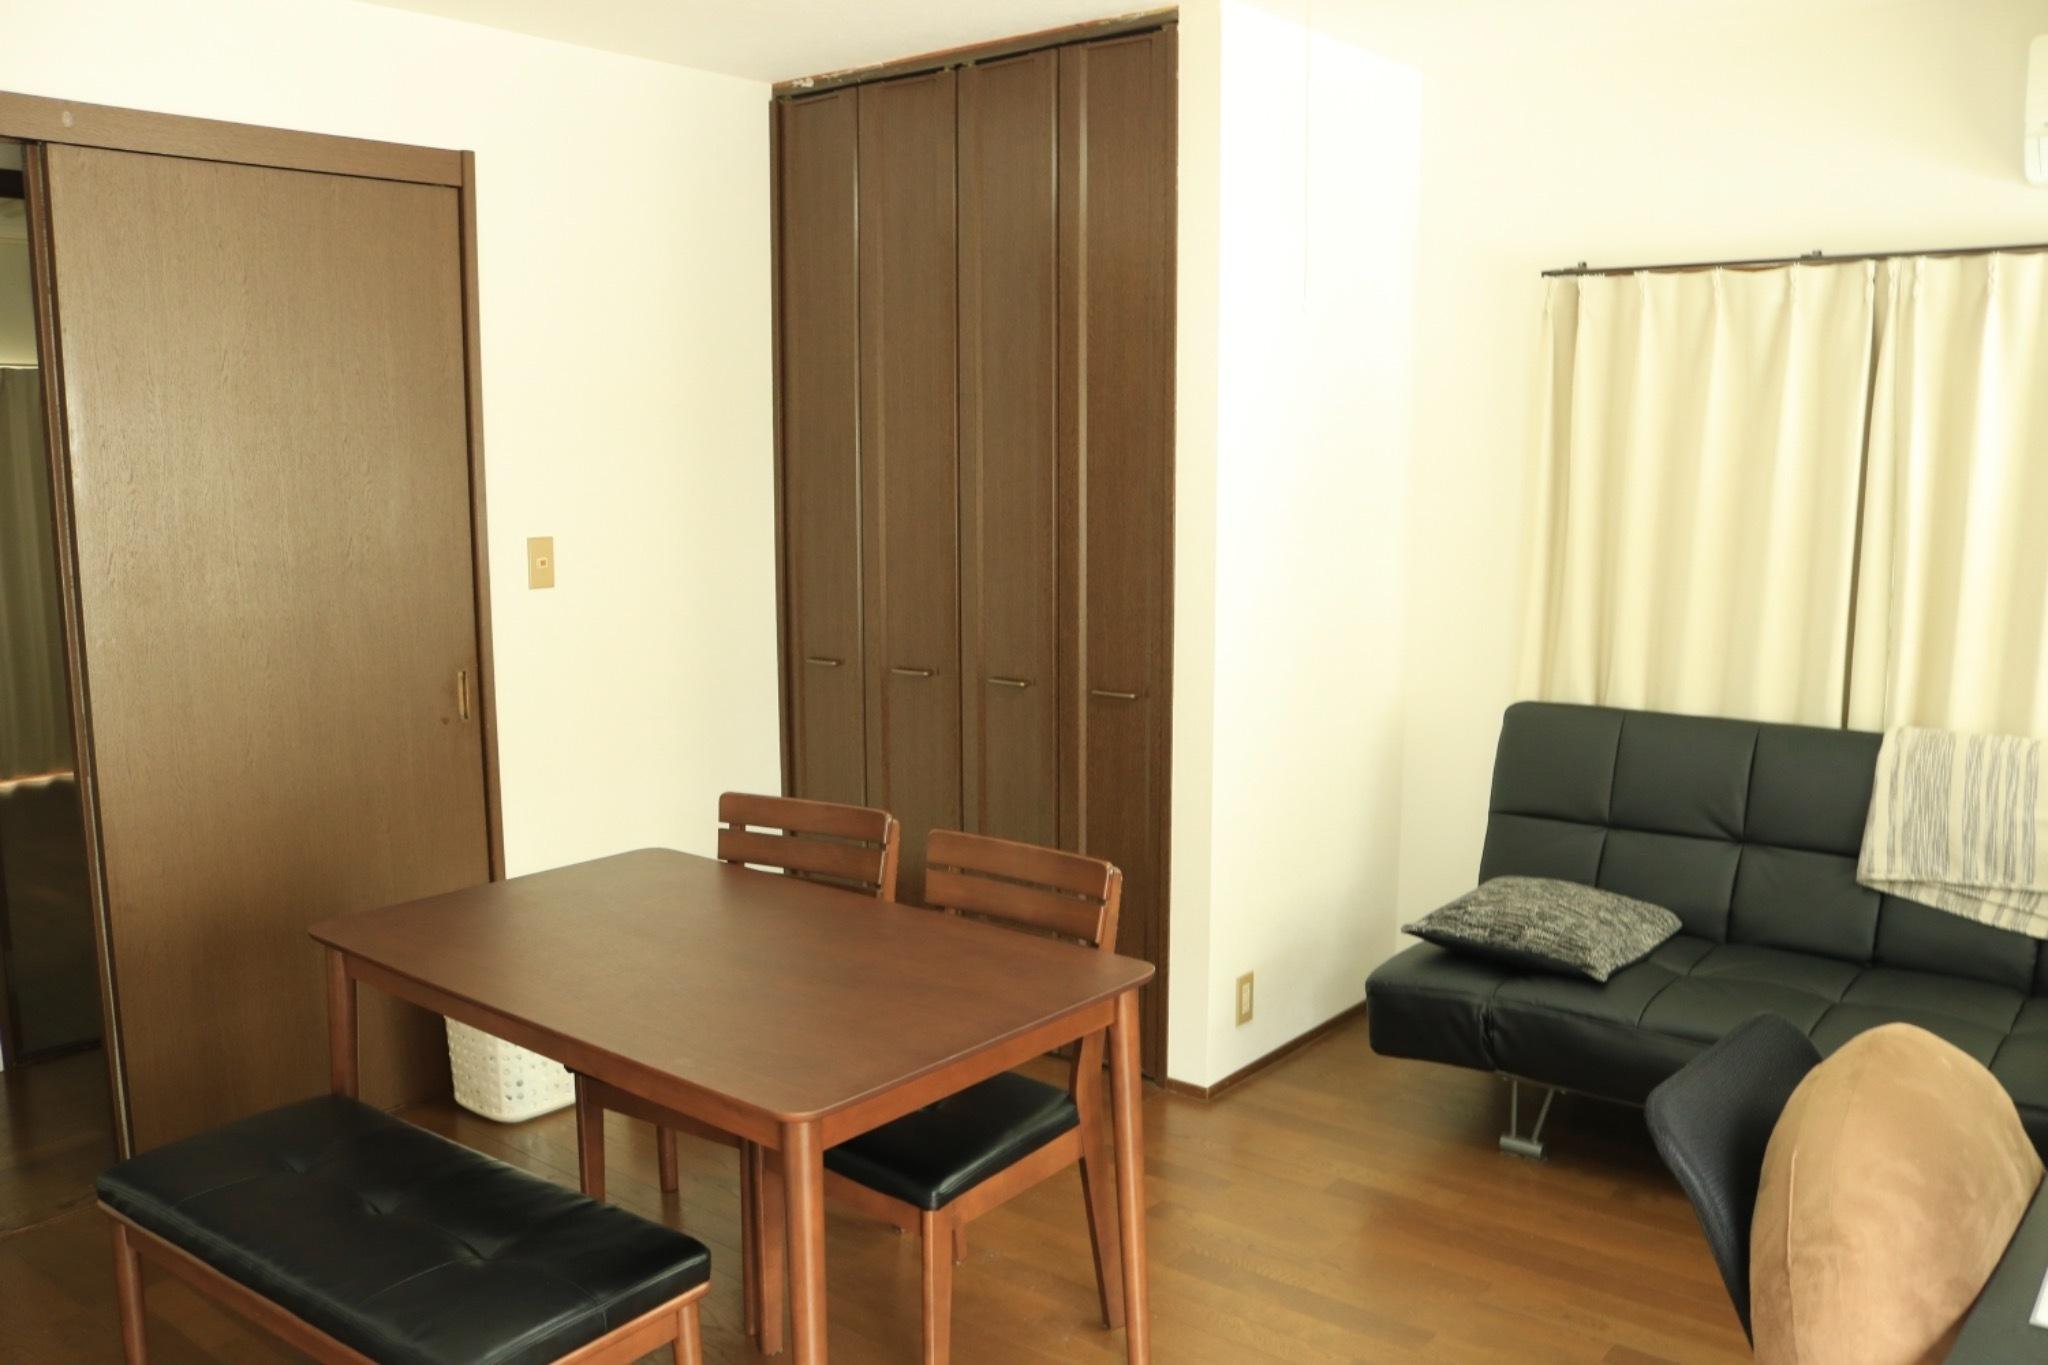 Bedroom1 / relaxing space